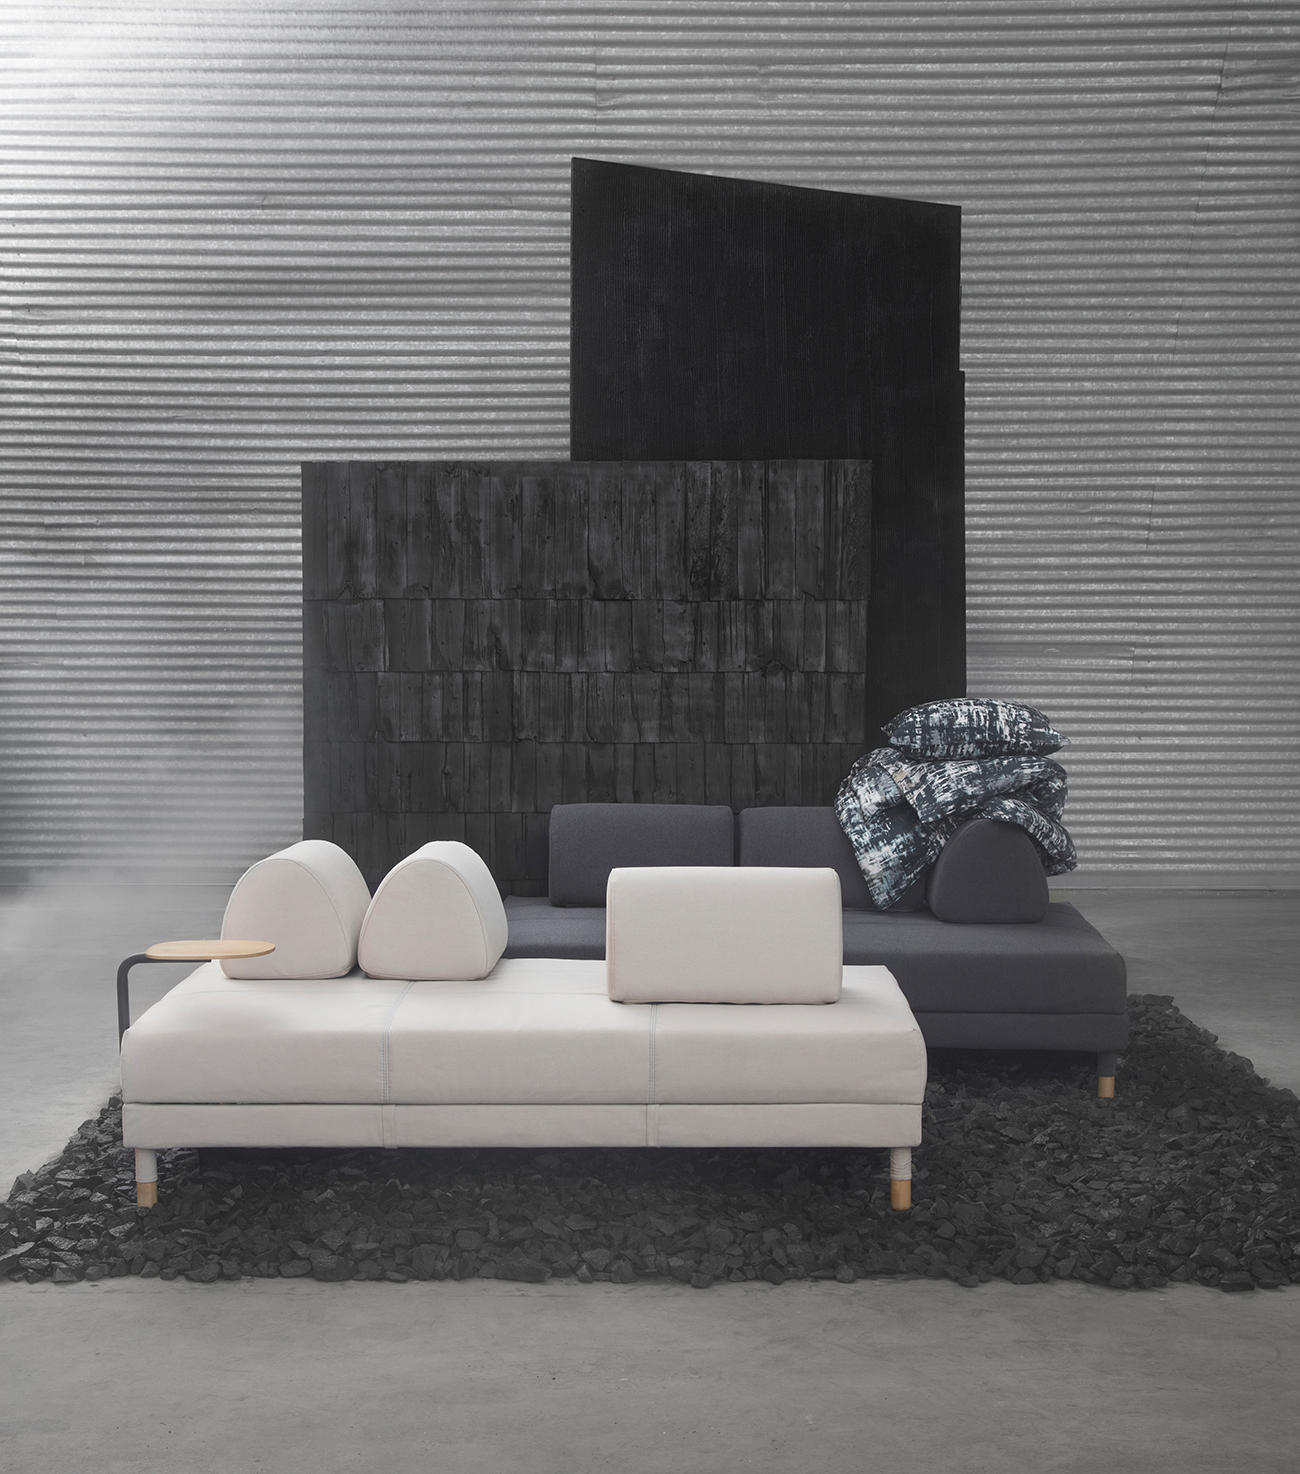 wohnkonfetti wohnkonfetti die sch nsten einrichtungsideen auf einen blick. Black Bedroom Furniture Sets. Home Design Ideas